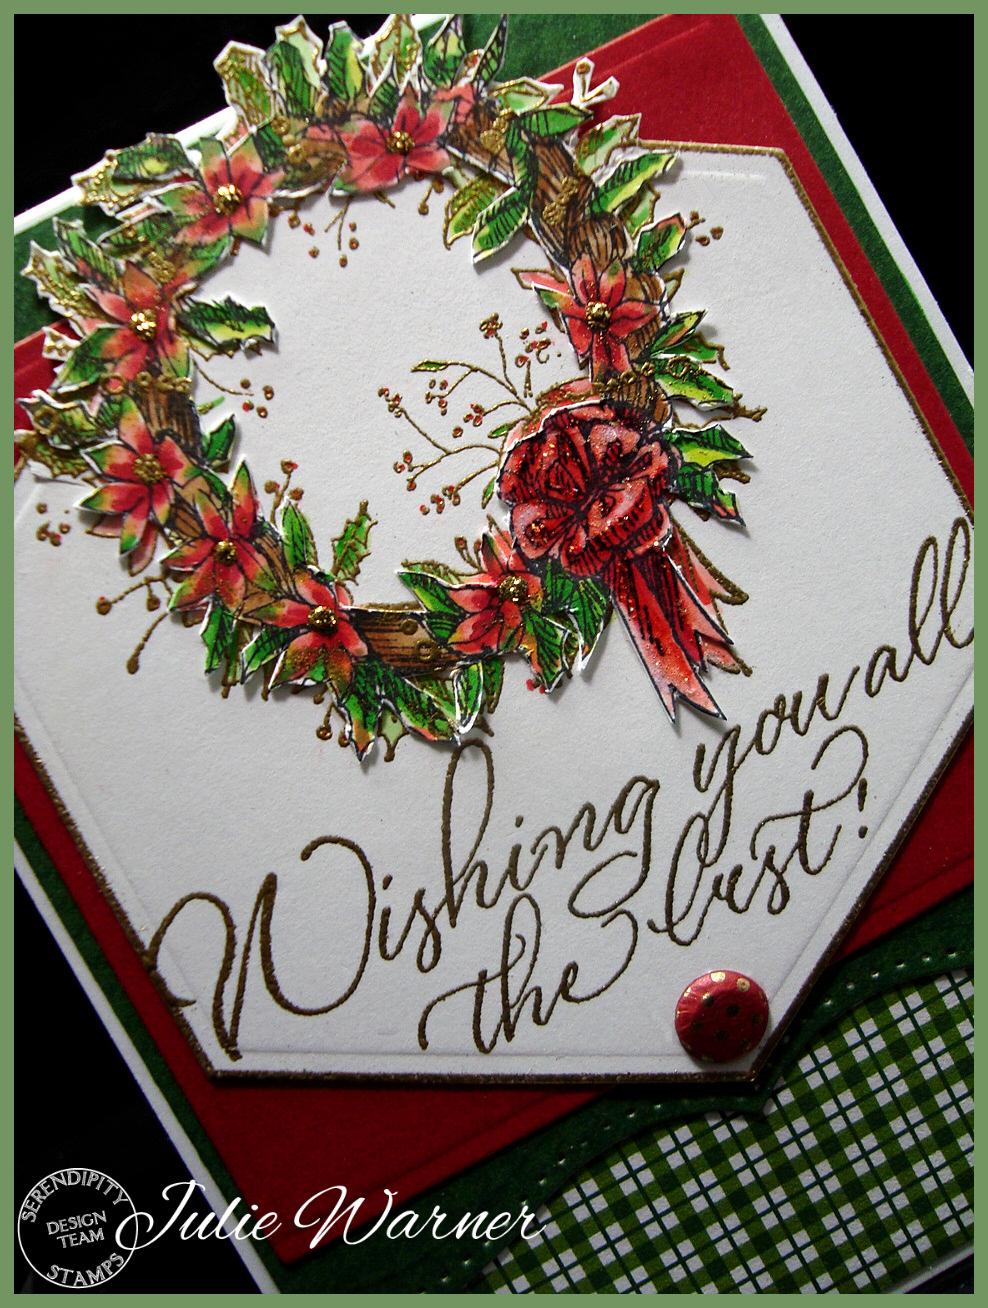 Holly Wreath cu 05315